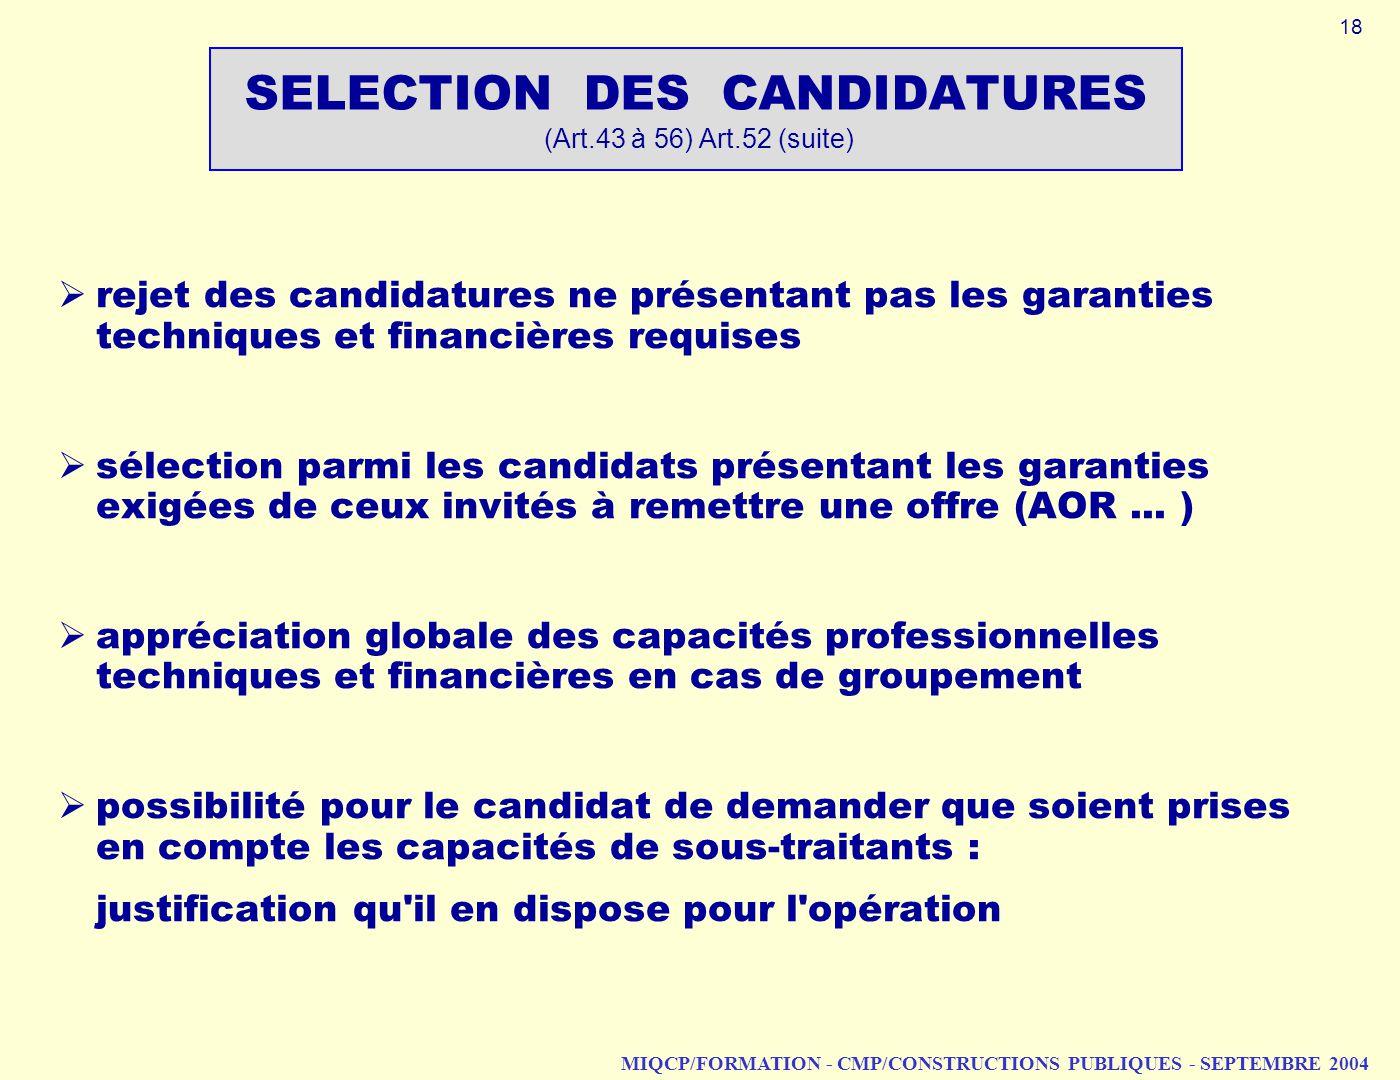 MIQCP/FORMATION - CMP/CONSTRUCTIONS PUBLIQUES - SEPTEMBRE 2004 SELECTION DES CANDIDATURES (Art.43 à 56) Art.52 (suite) rejet des candidatures ne prése